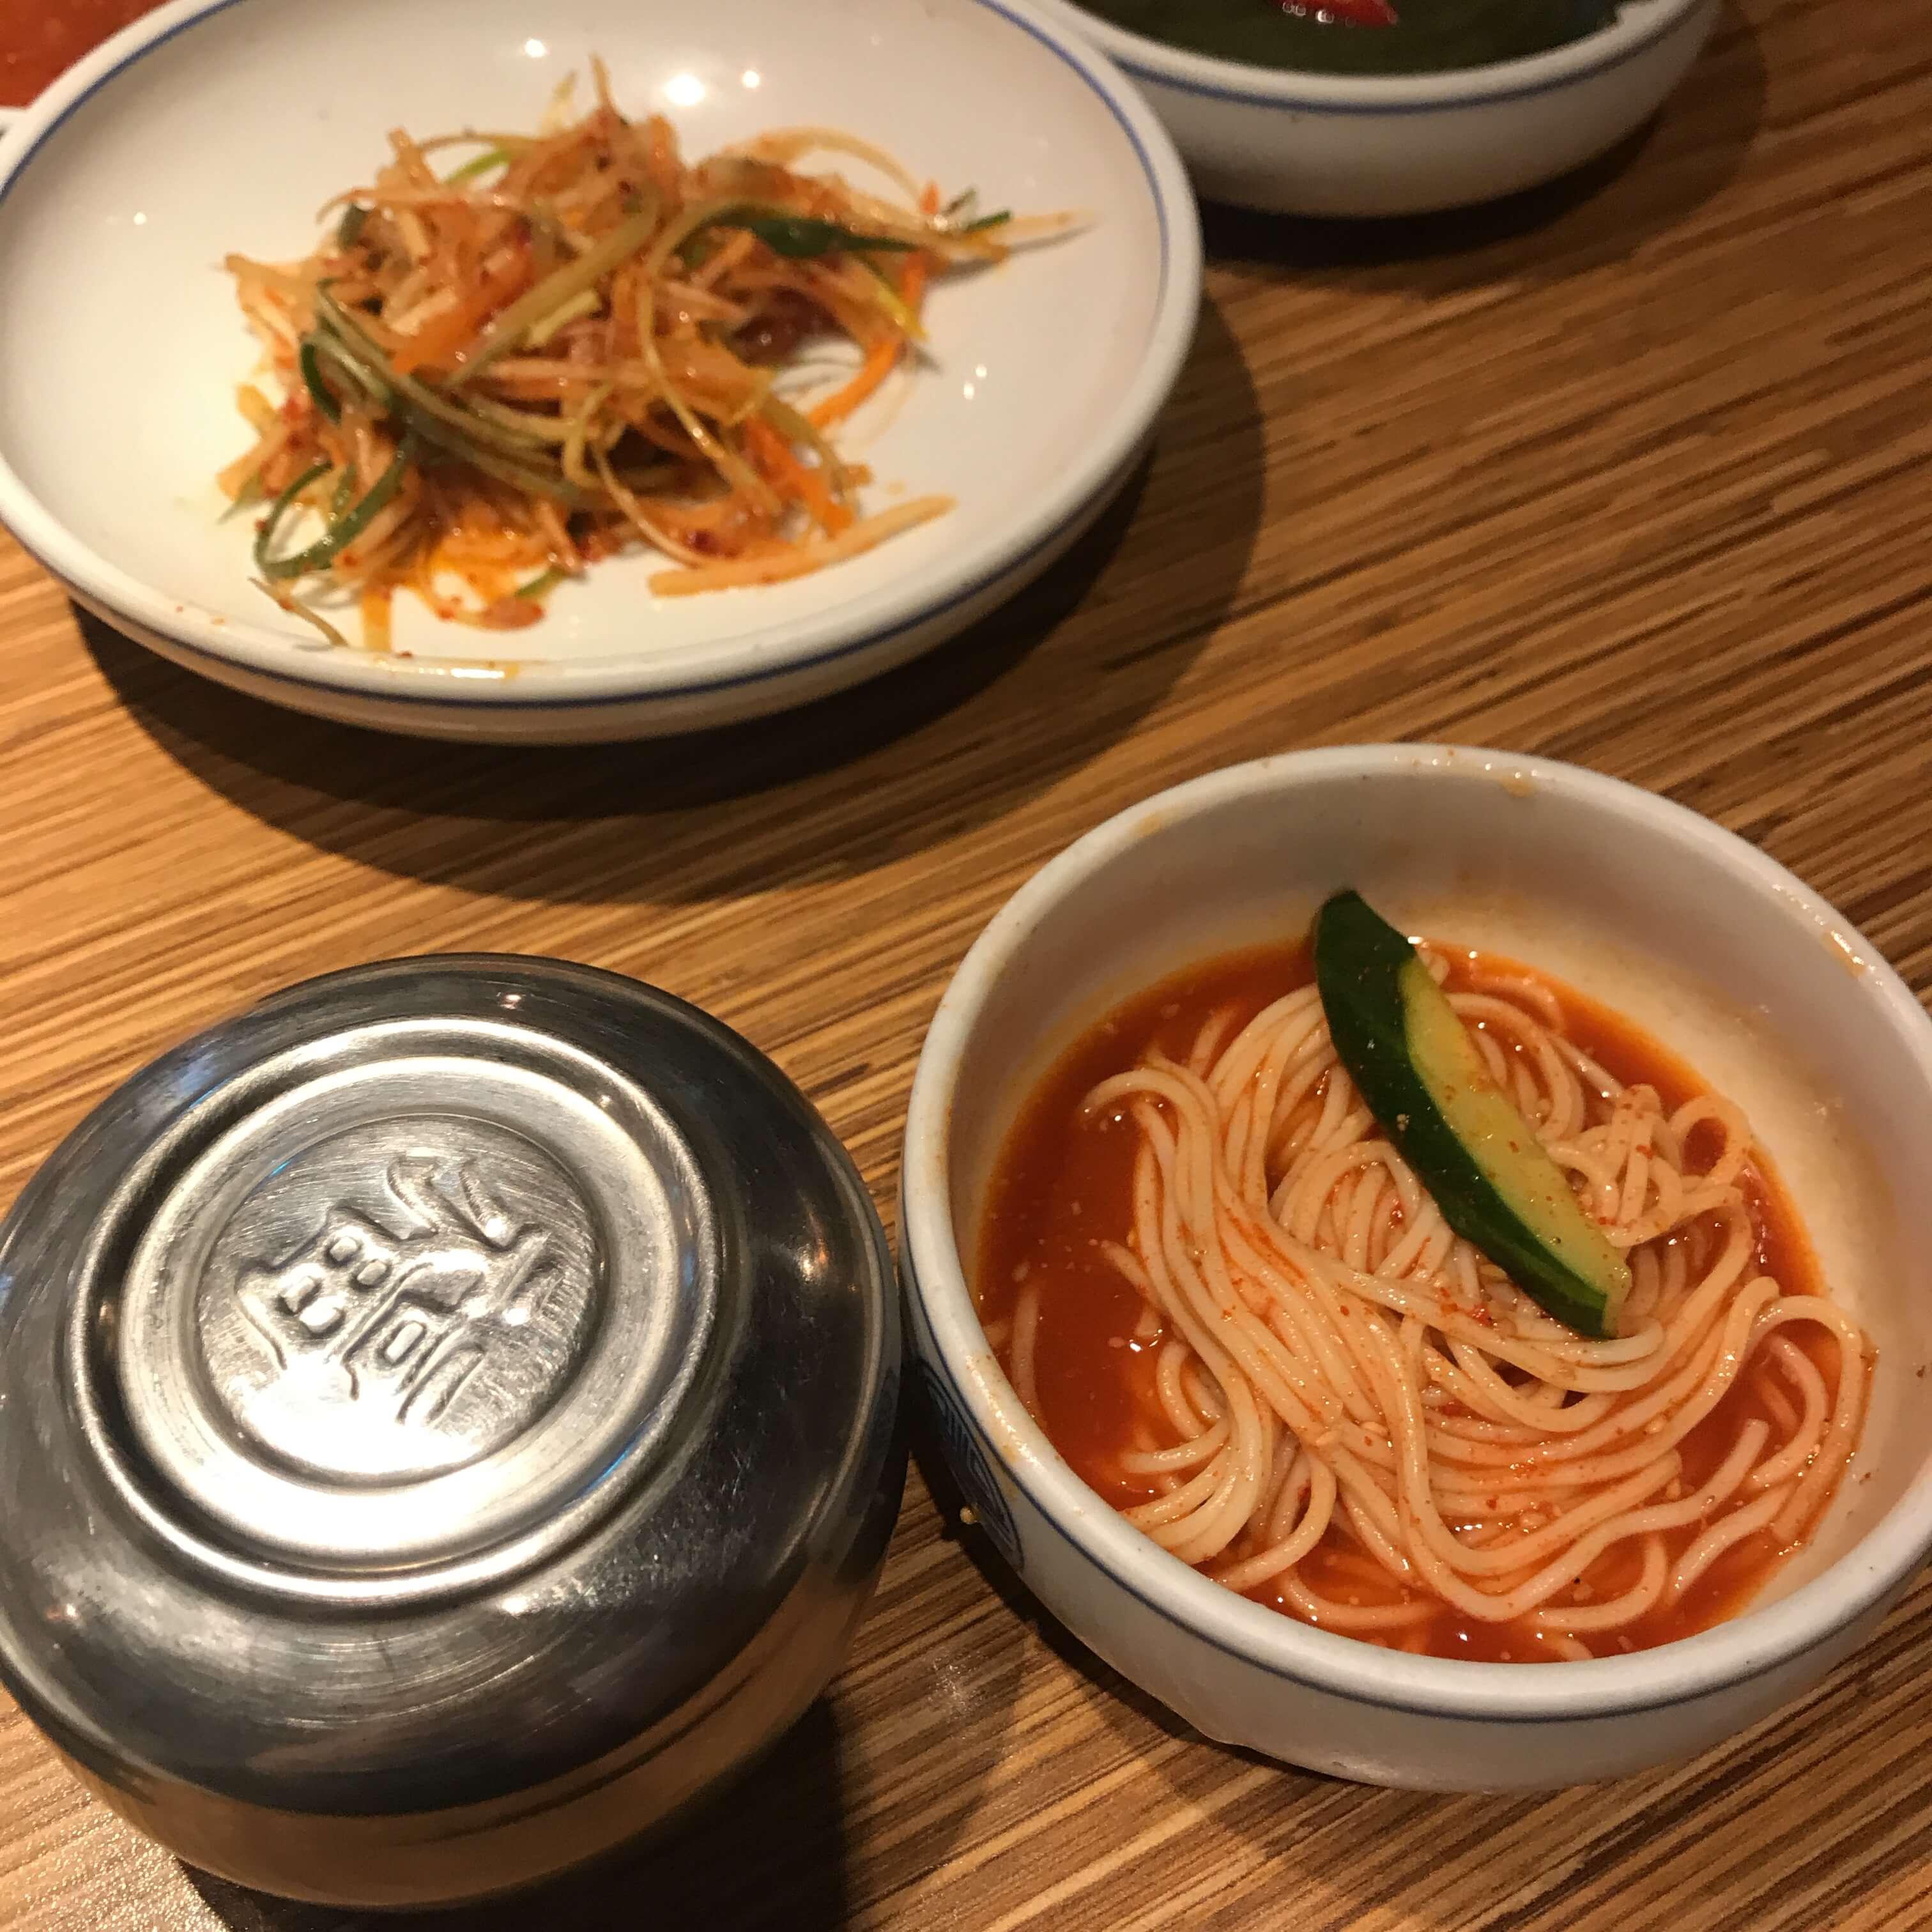 韓国 焼肉 ランチ おすすめ 王妃家 2